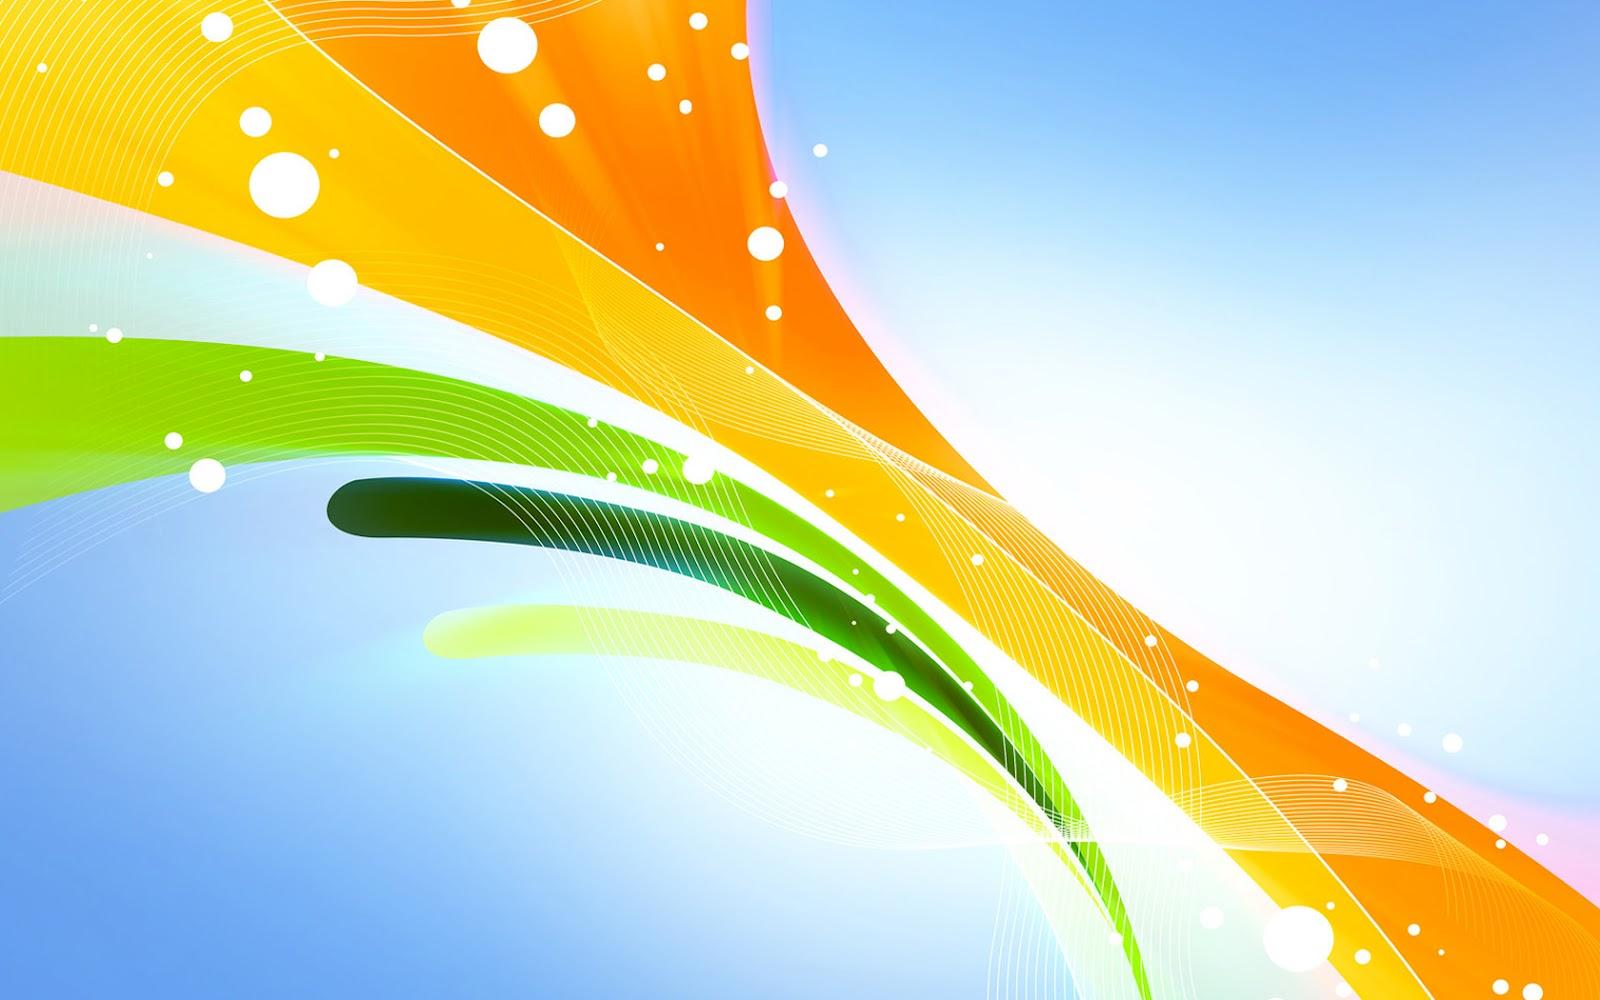 2015 Windows 8 HD Wallpapers Download Desktop Wallpaper Images 1600x1000